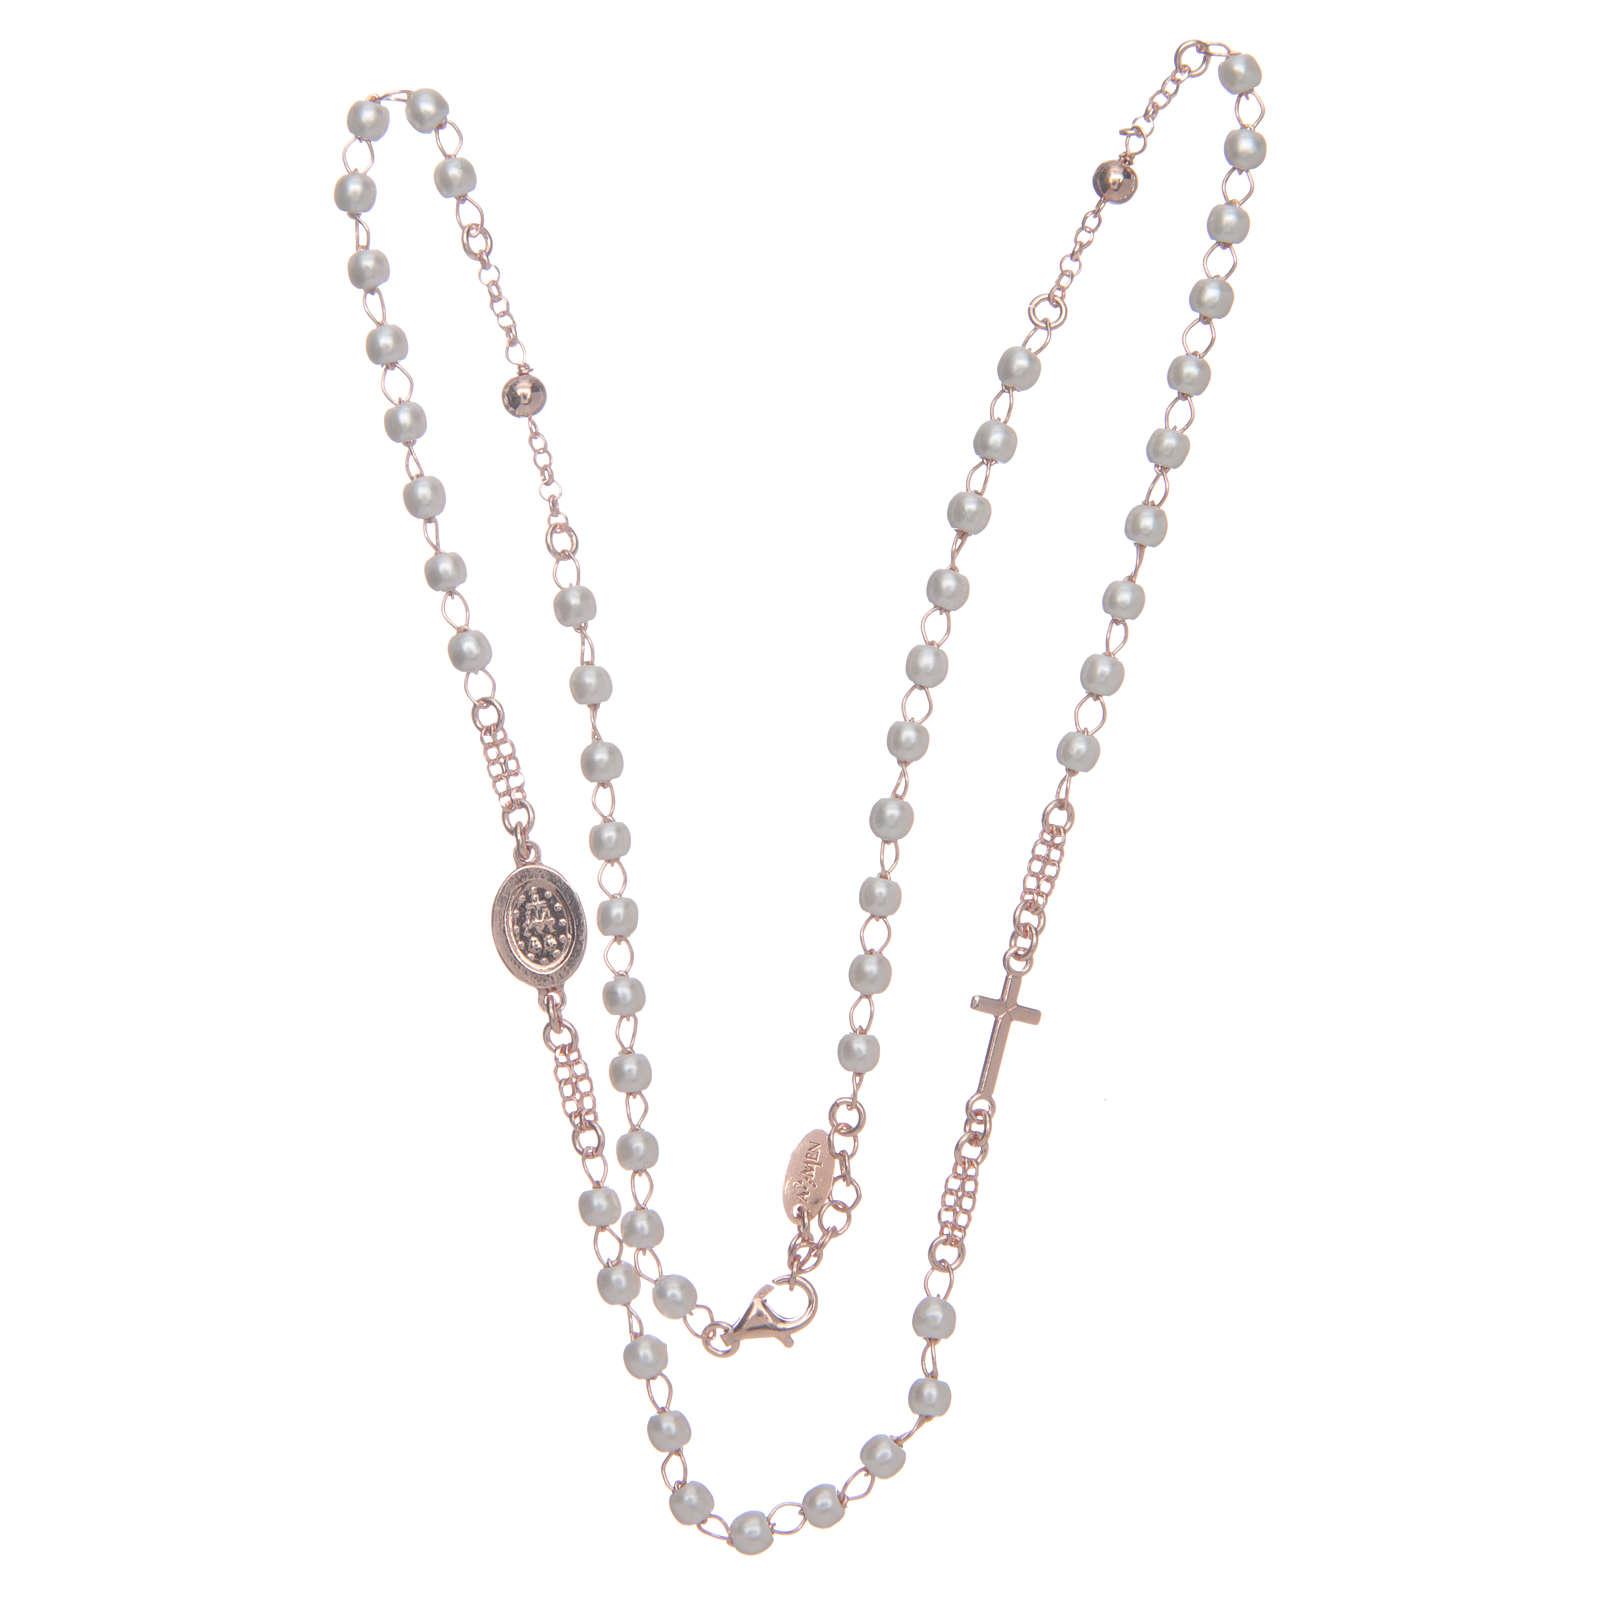 Collier chapelet tour du cou AMEN pavé perles arg 925 rosé 4